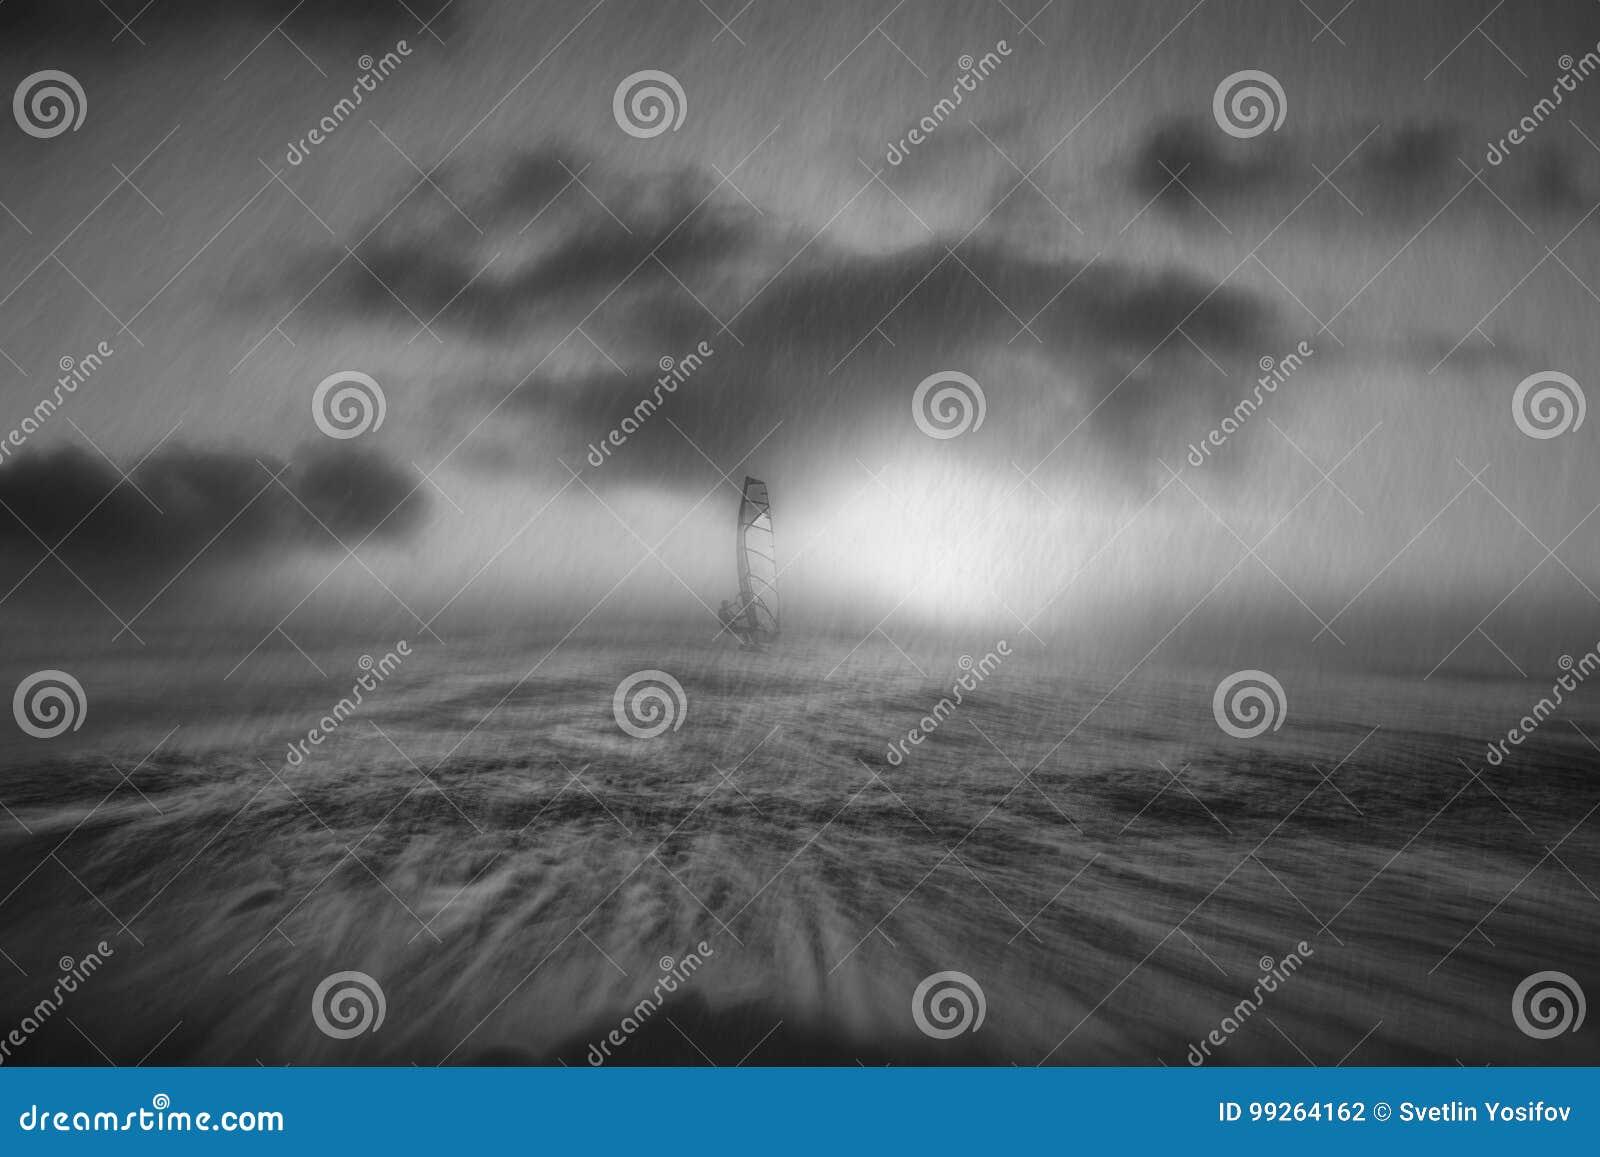 Sturm im Schwarzen Meer